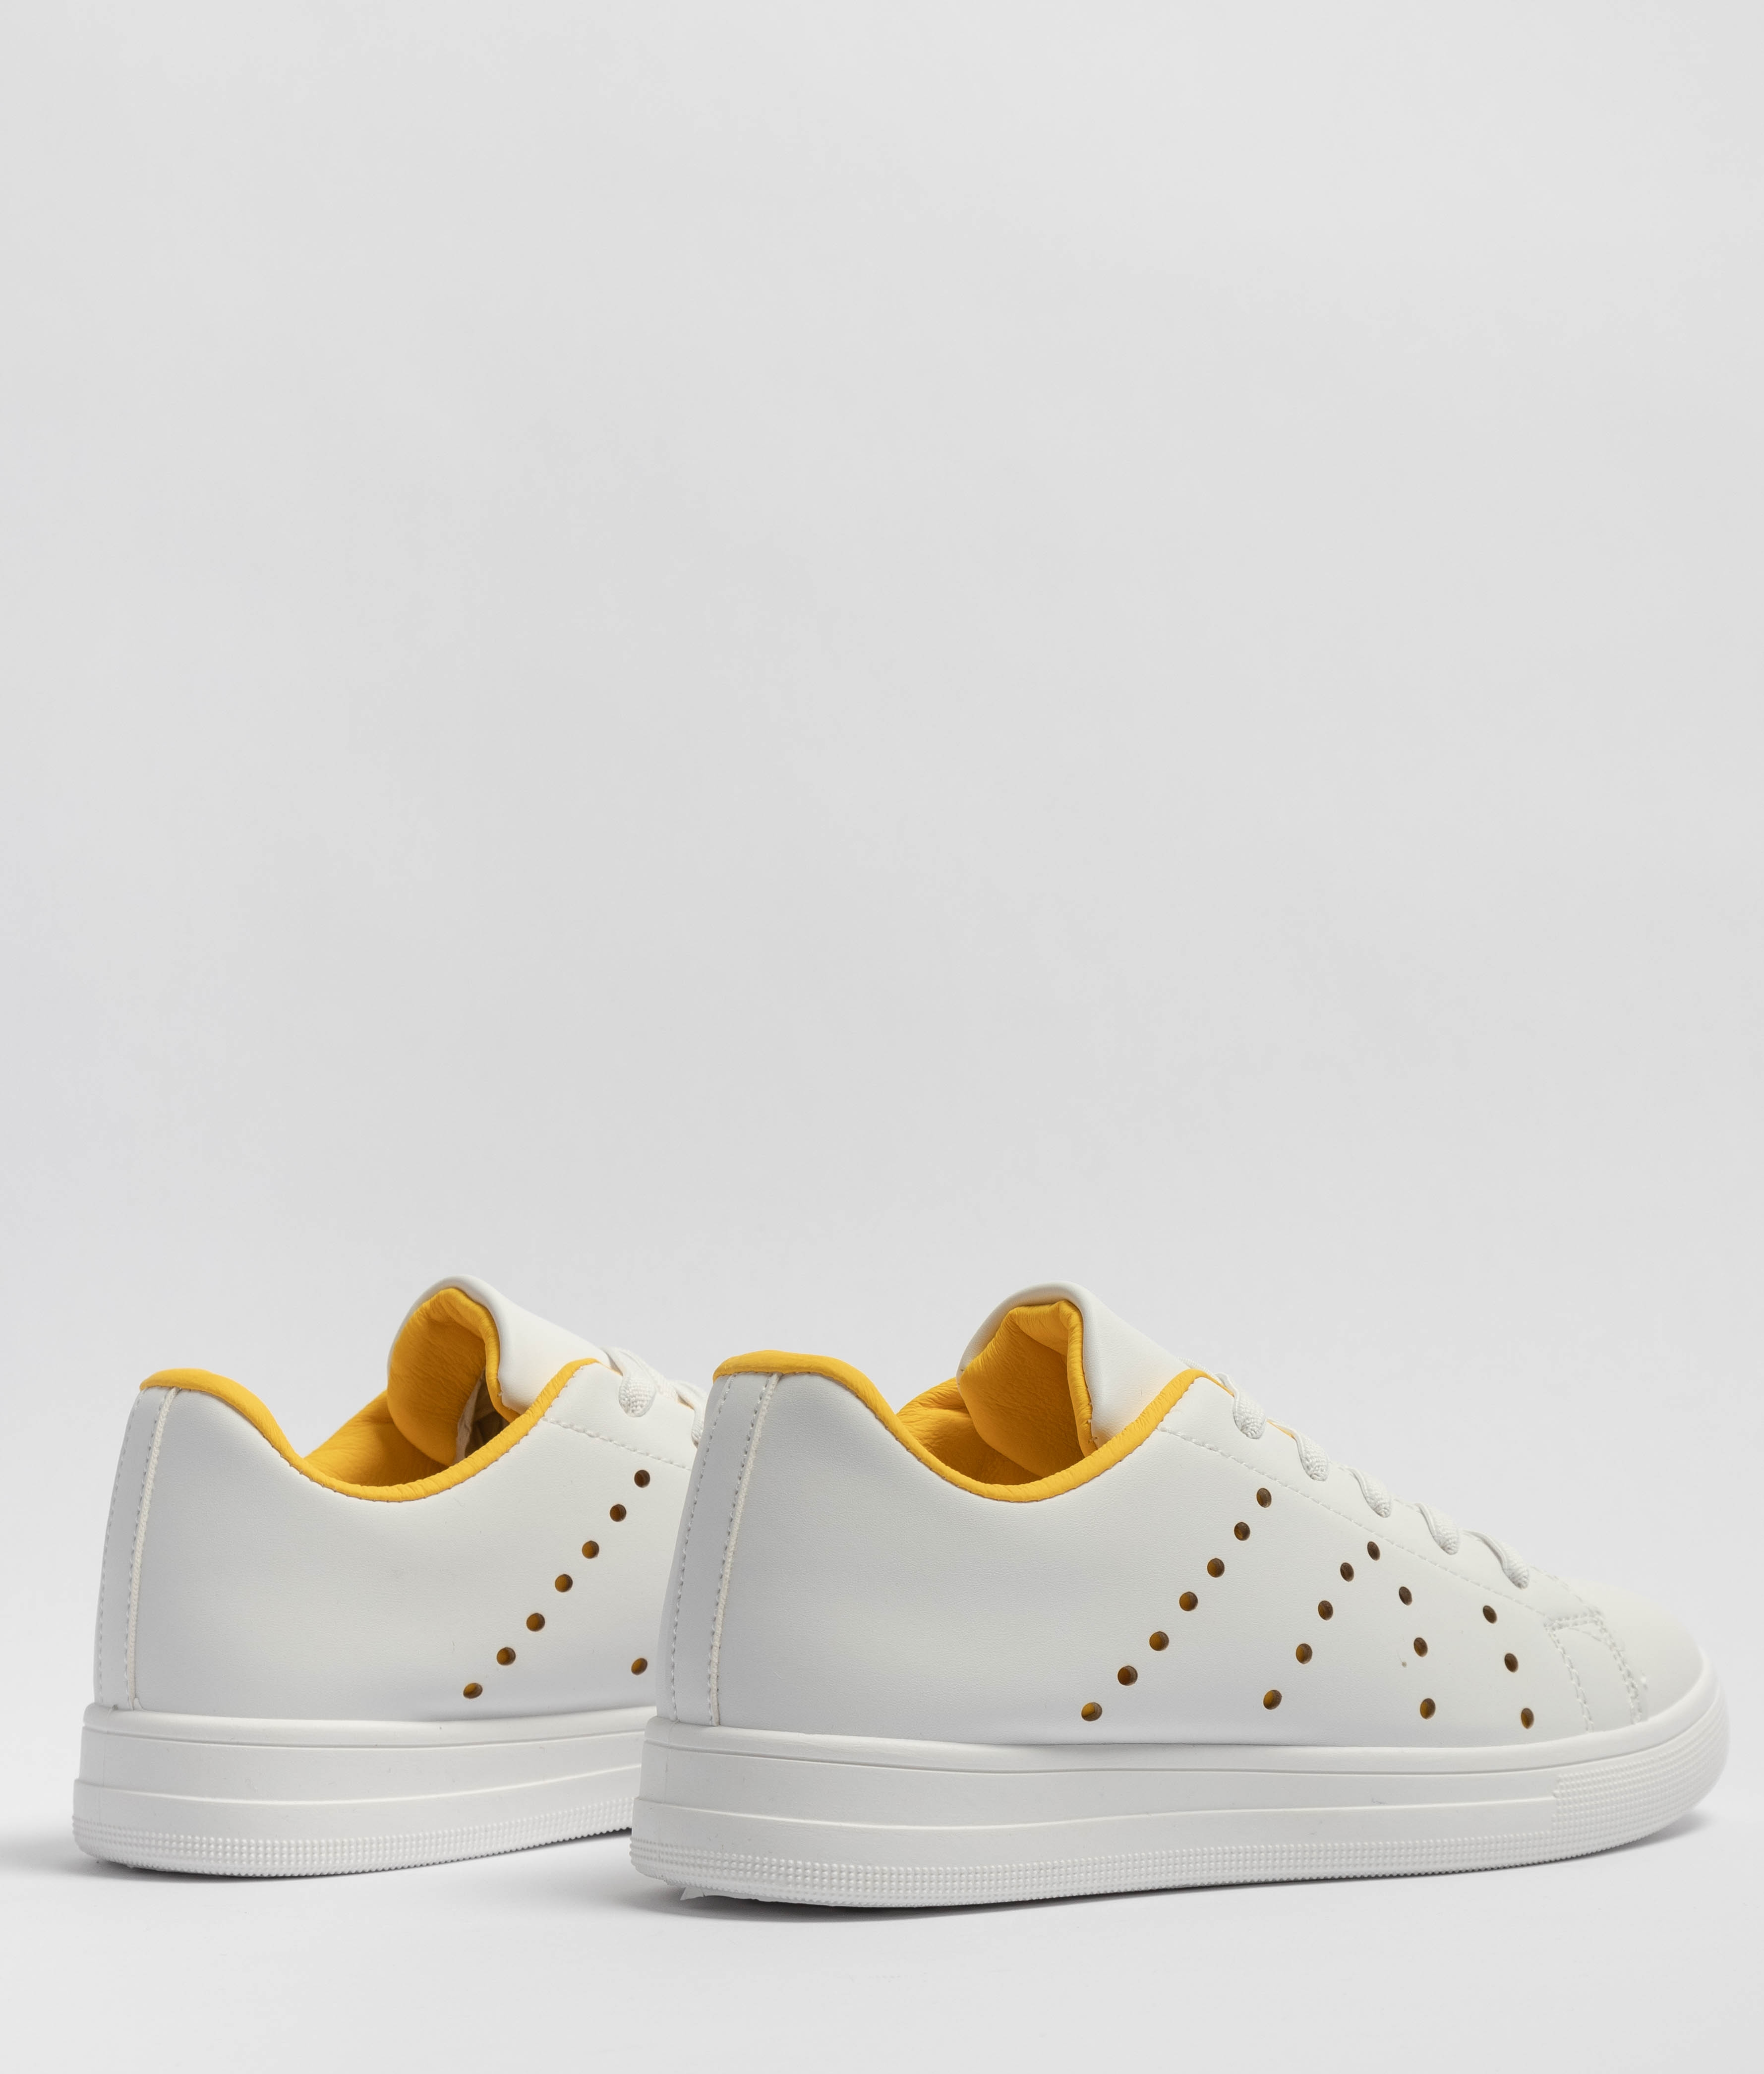 Sneakers Atelier - Giallo